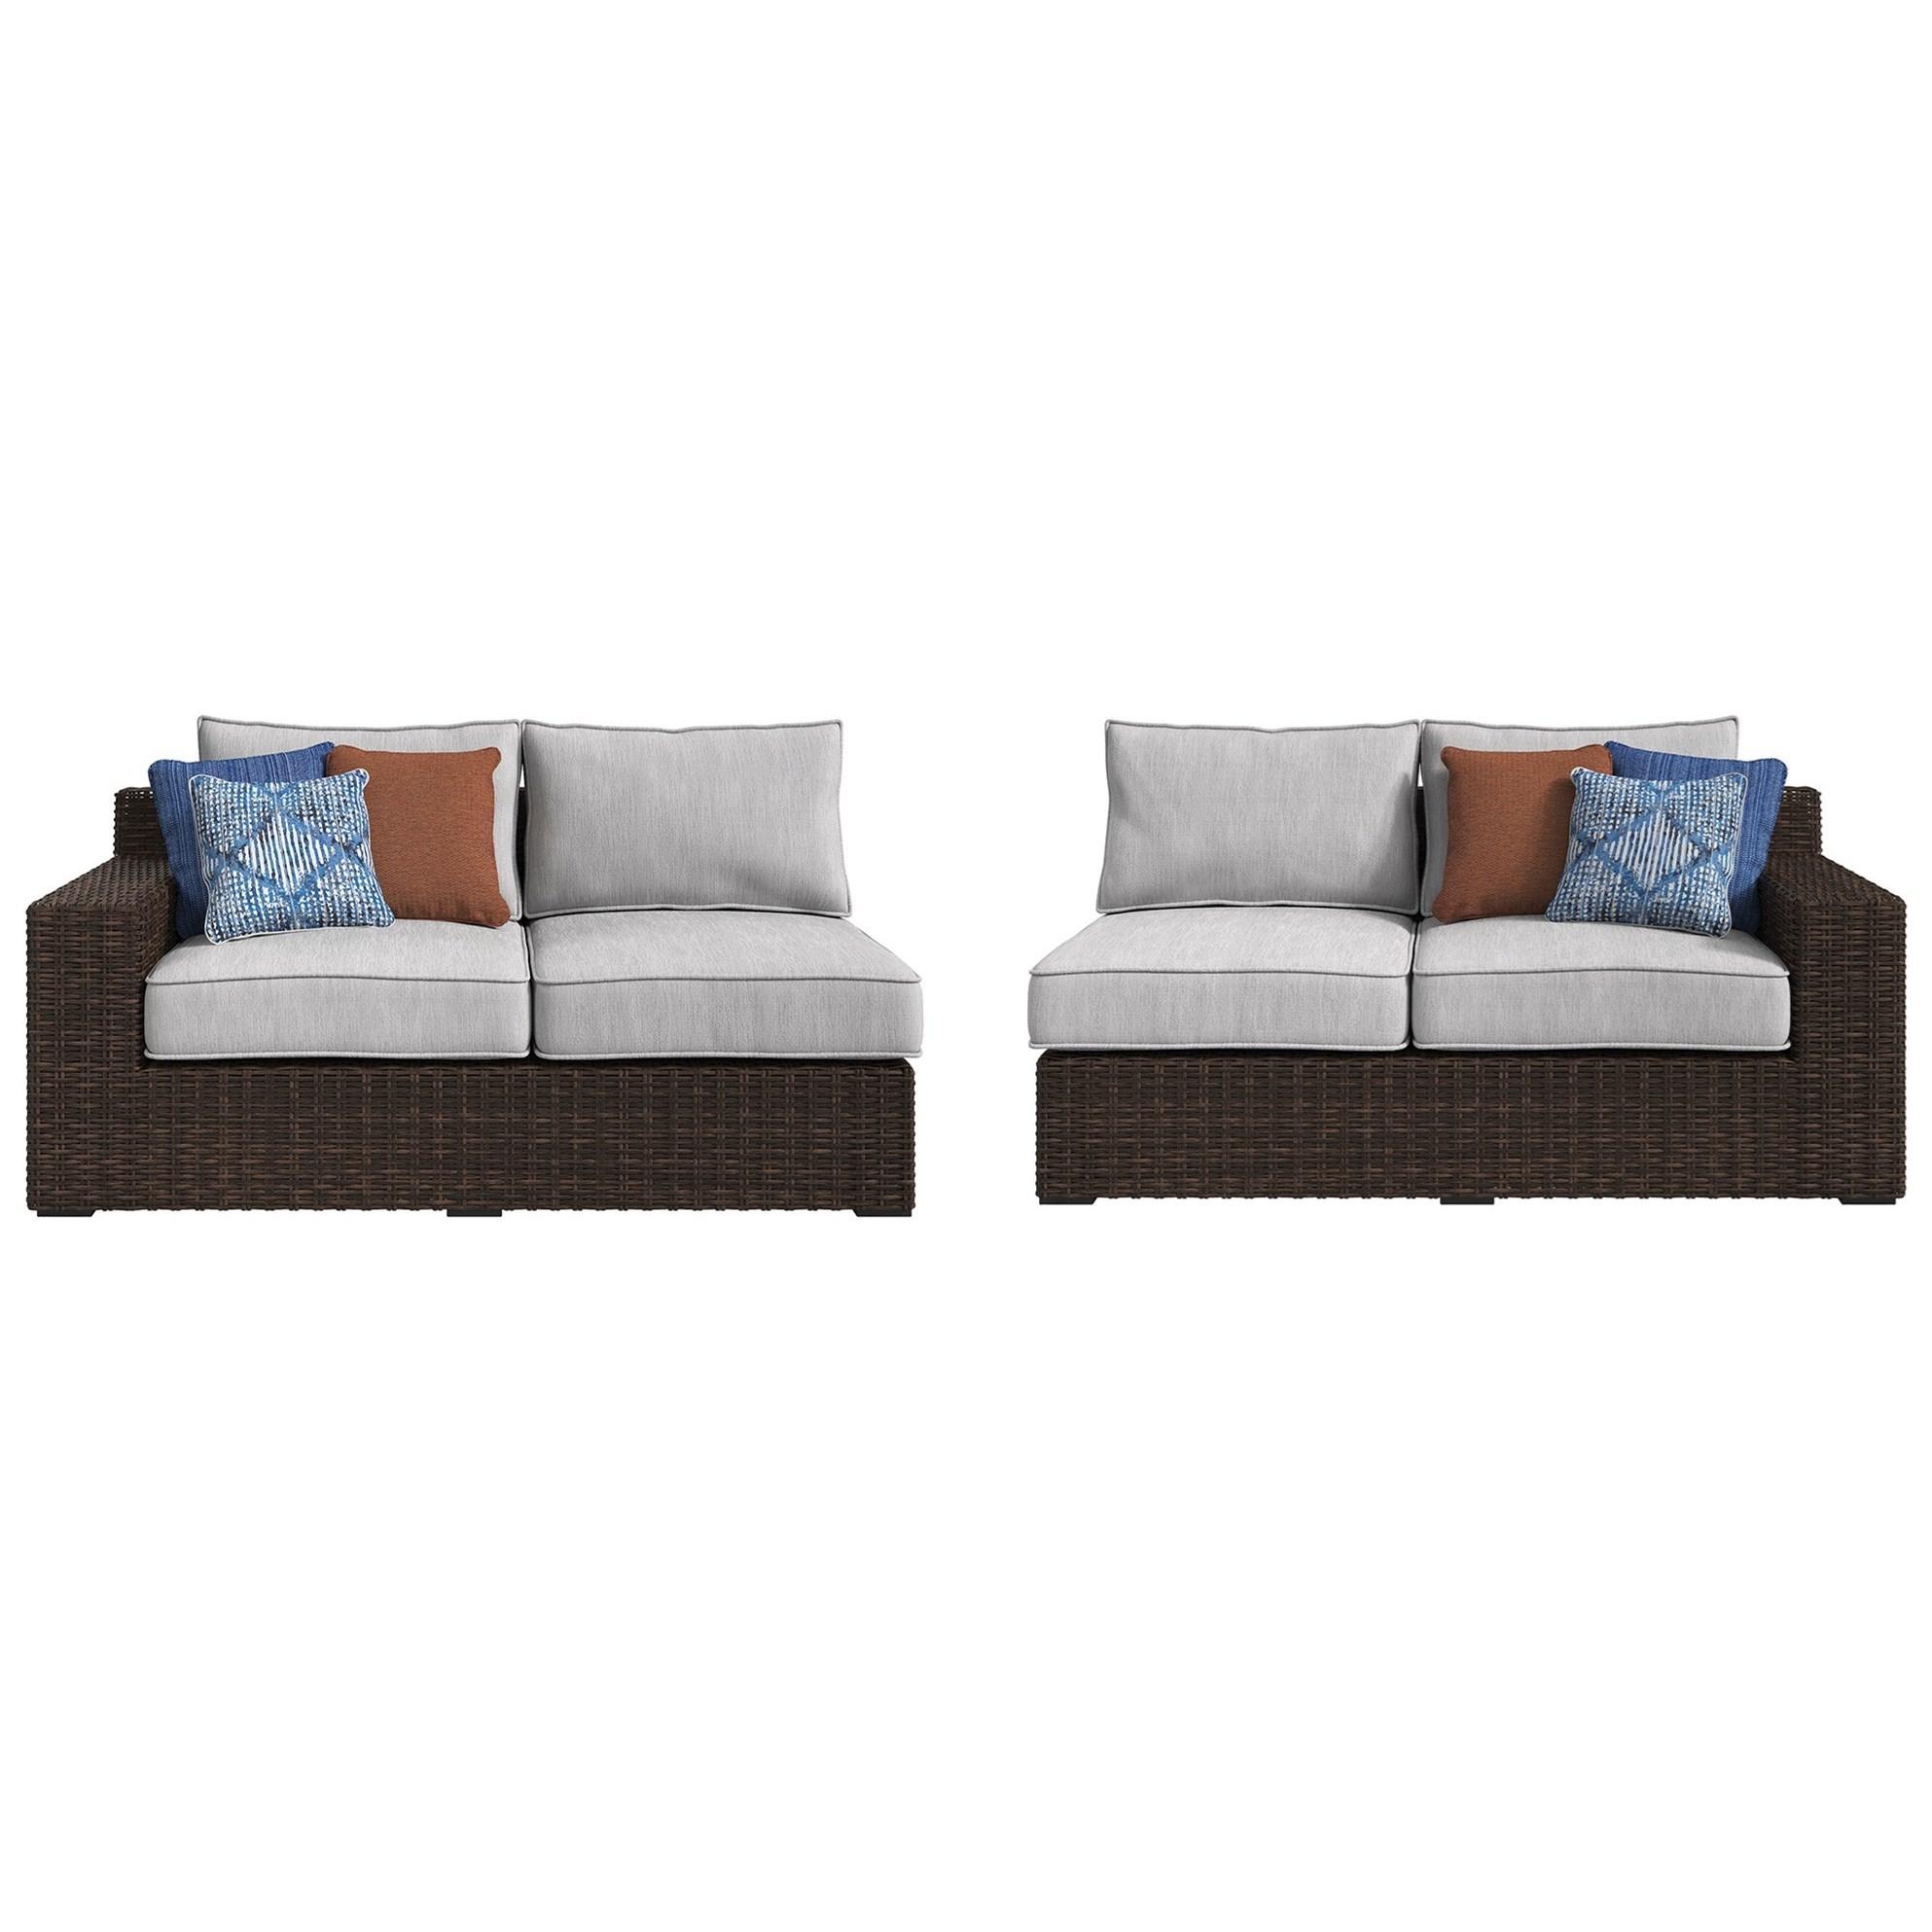 Signature Design By Ashley Alta GrandeRAF Loveseat U0026 LAF Loveseat With  Cushion ...